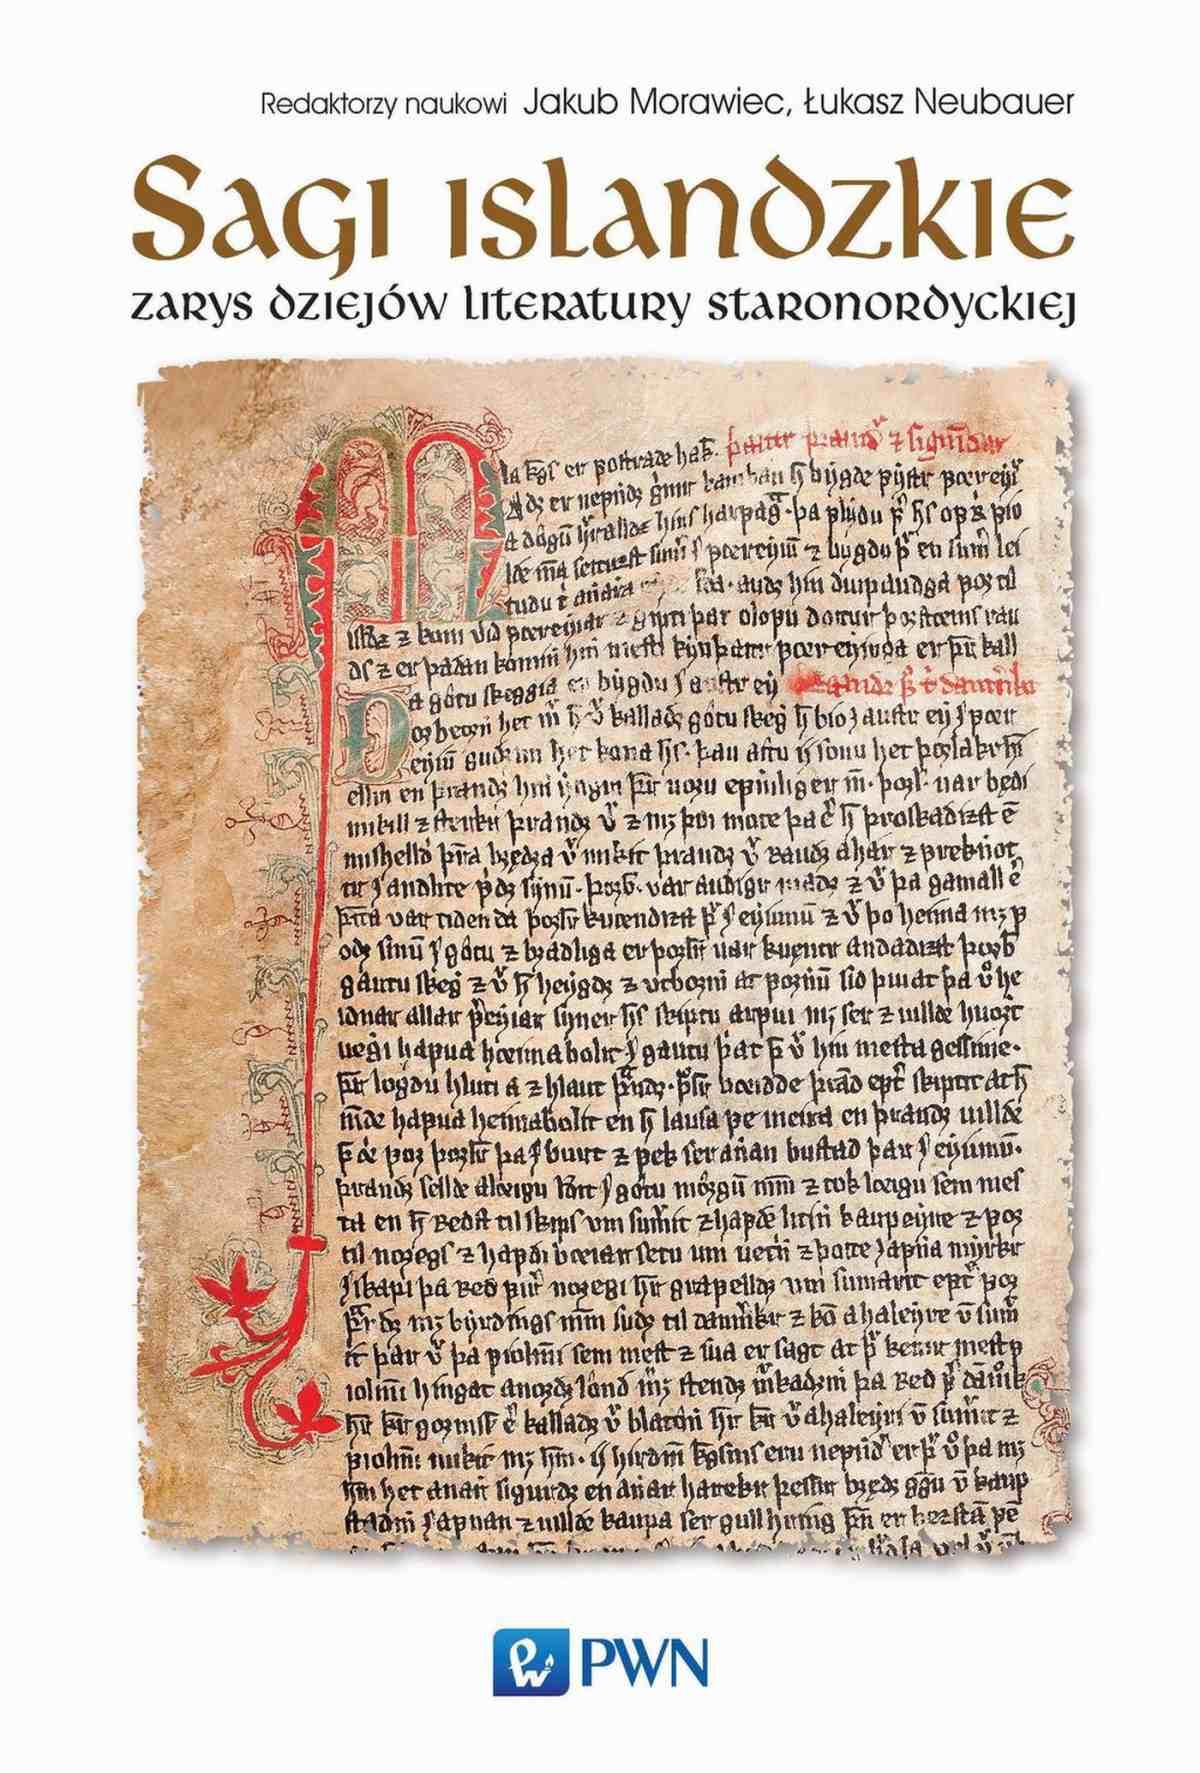 Sagi islandzkie. Zarys dziejów literatury staronordyckiej - Ebook (Książka na Kindle) do pobrania w formacie MOBI